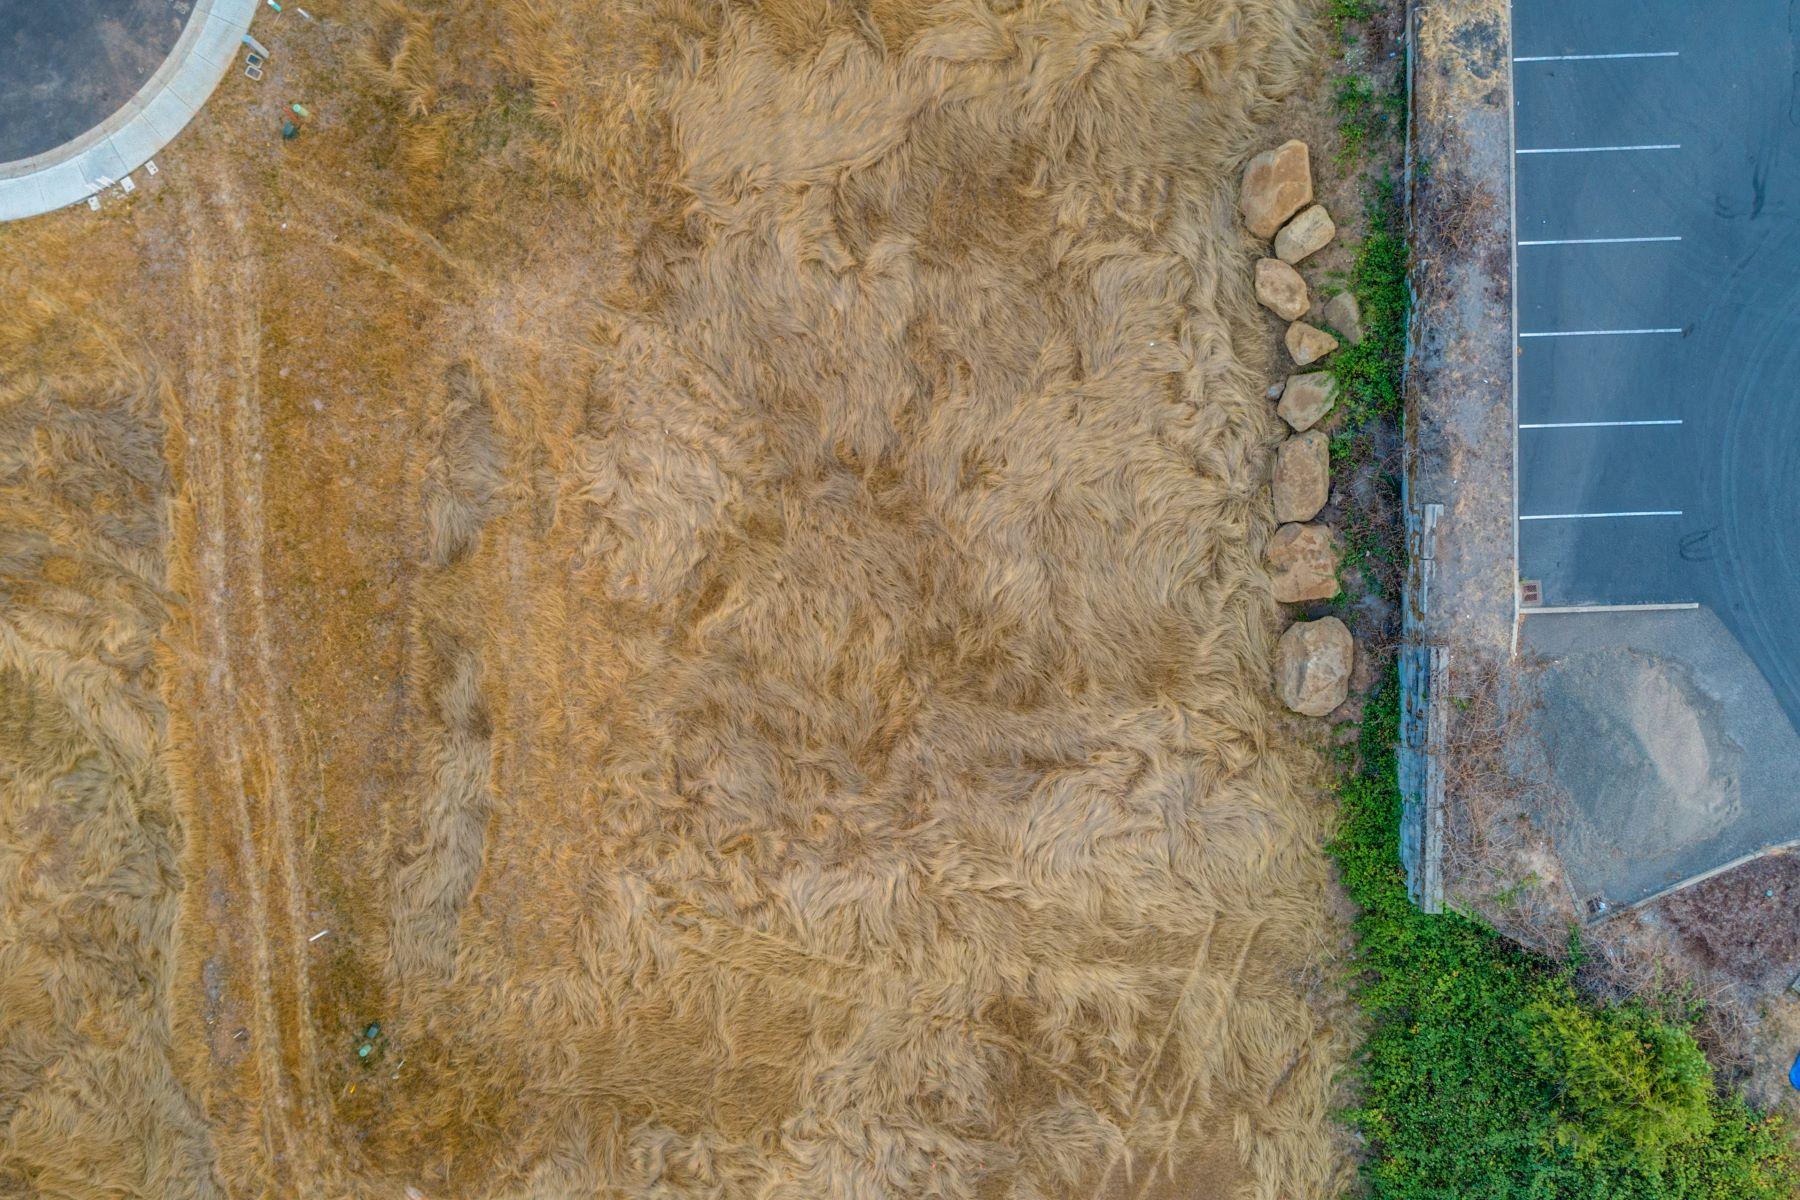 Đất đai vì Bán tại 6619 NW Pittock PL Camas, WA 98607 Camas, Washington 98607 Hoa Kỳ